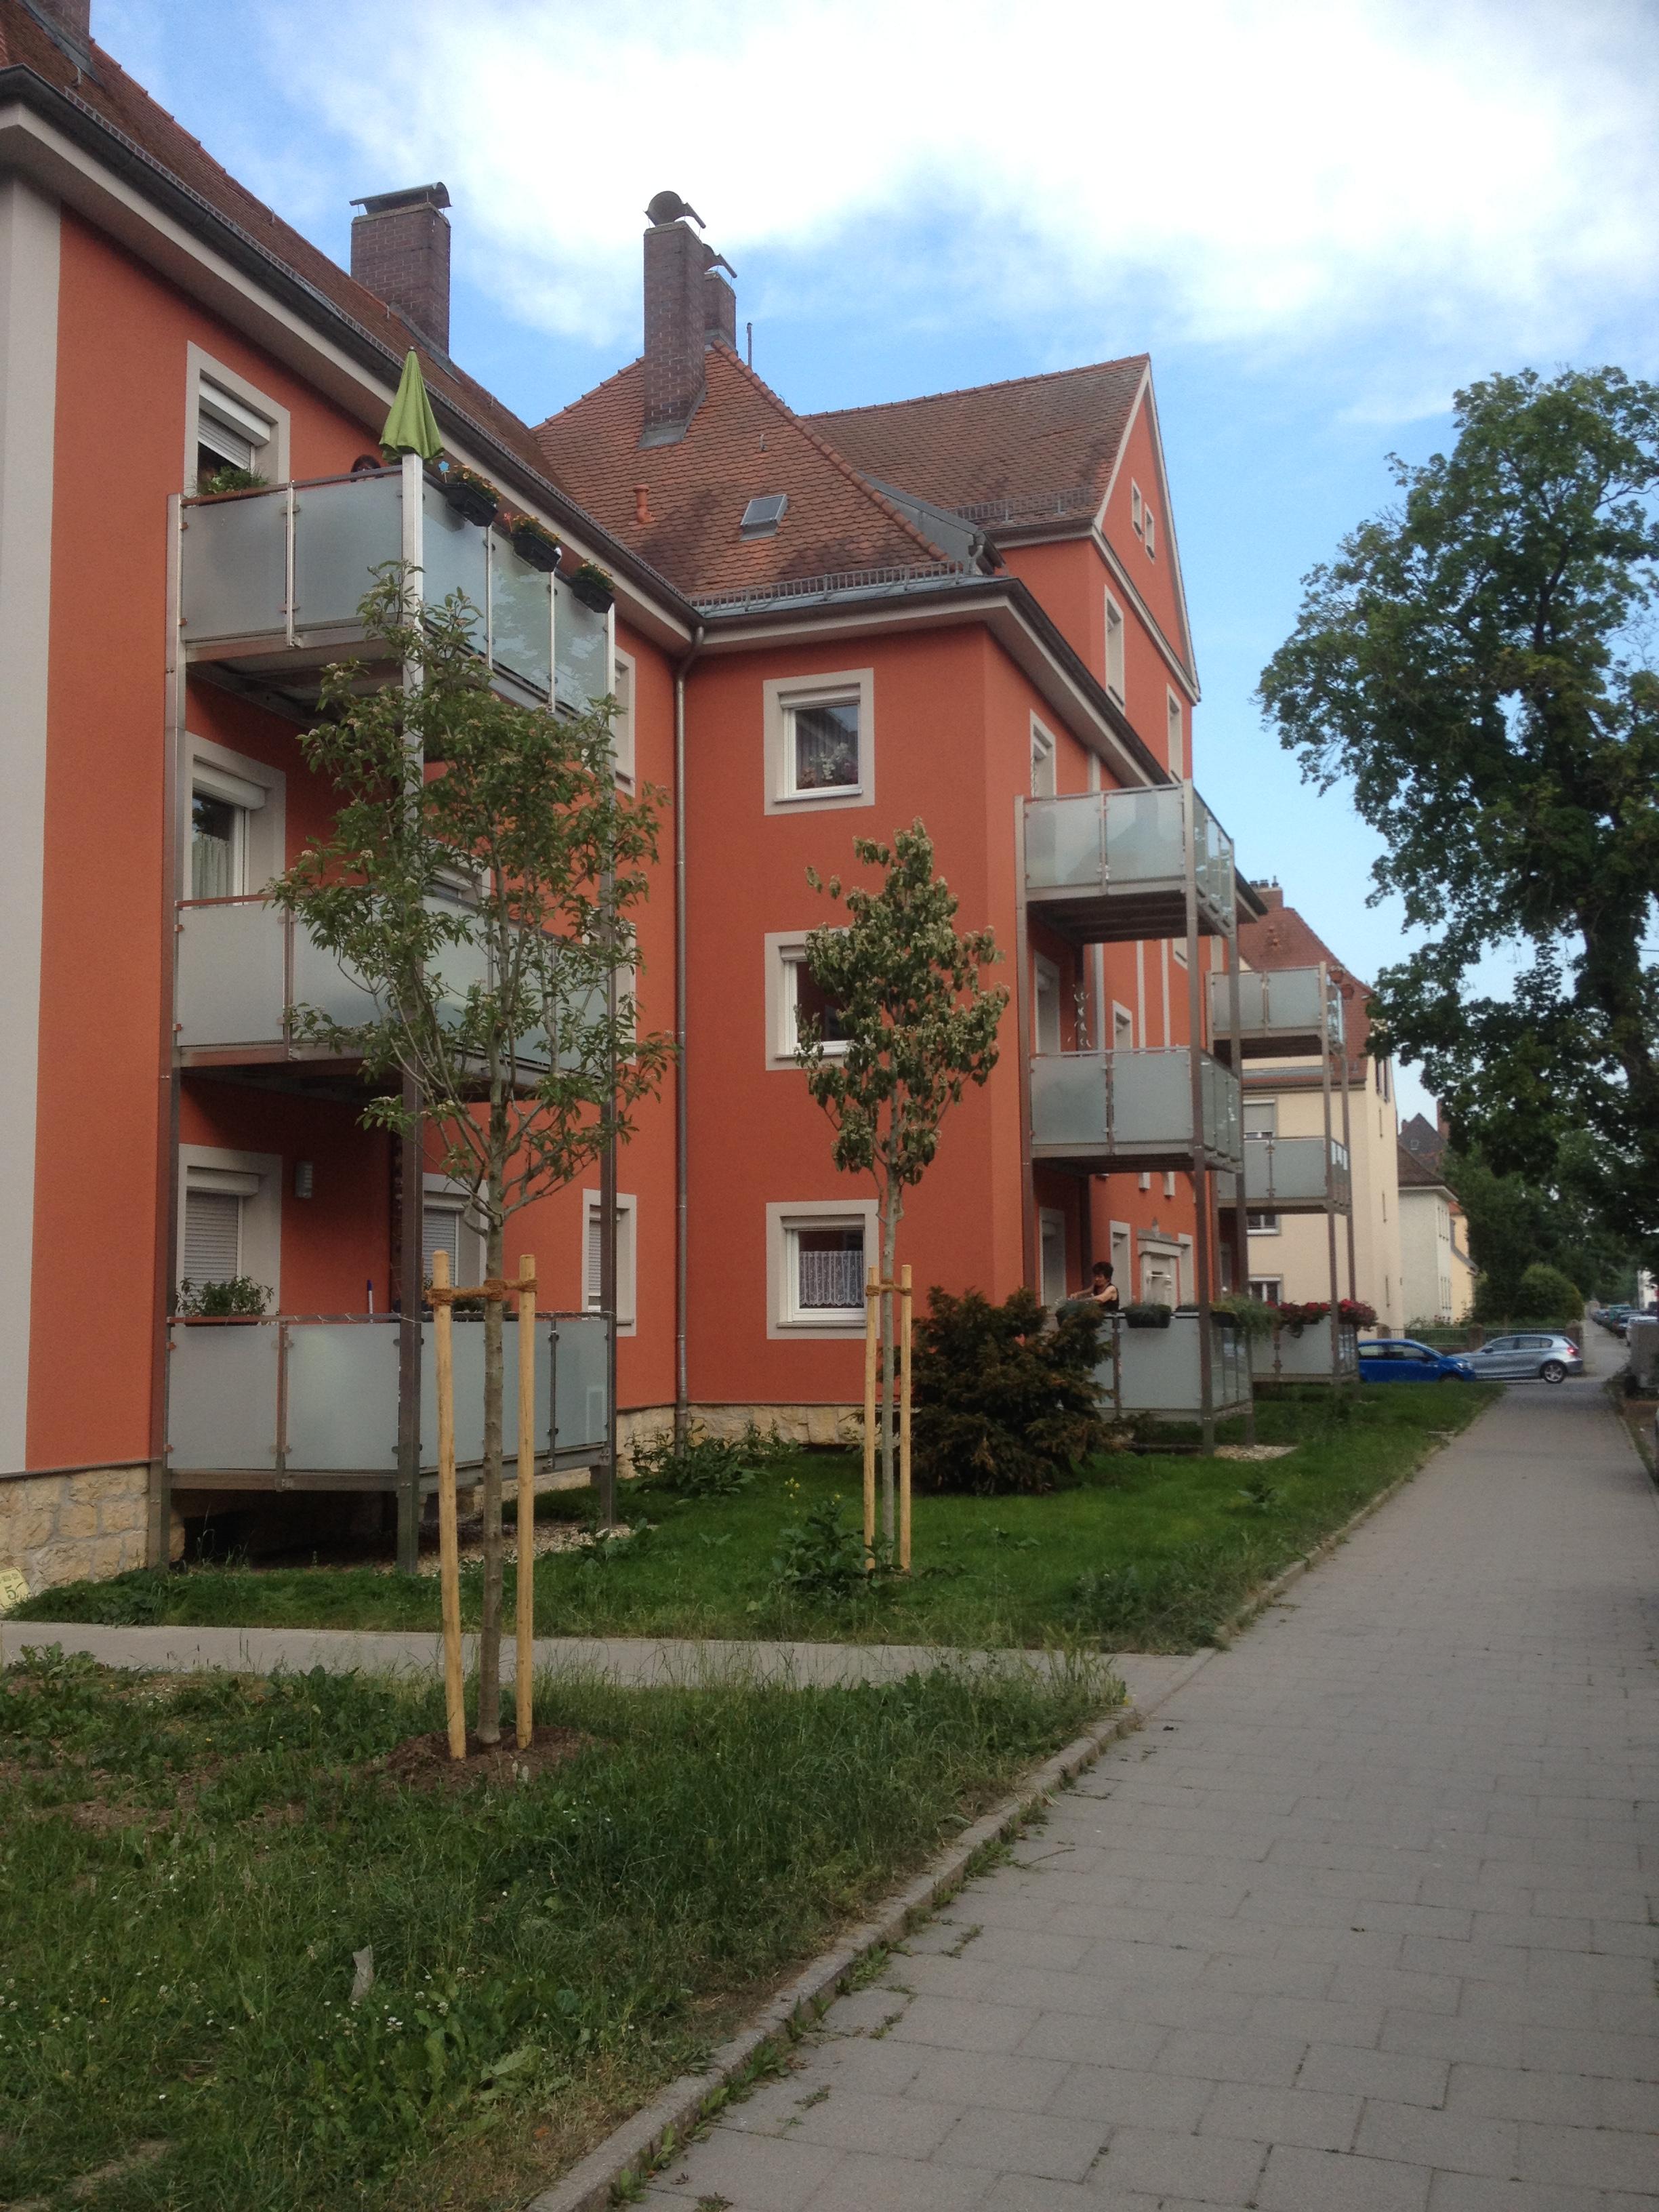 Montage von 3-stöckigen Balkontürmen in Regensburg